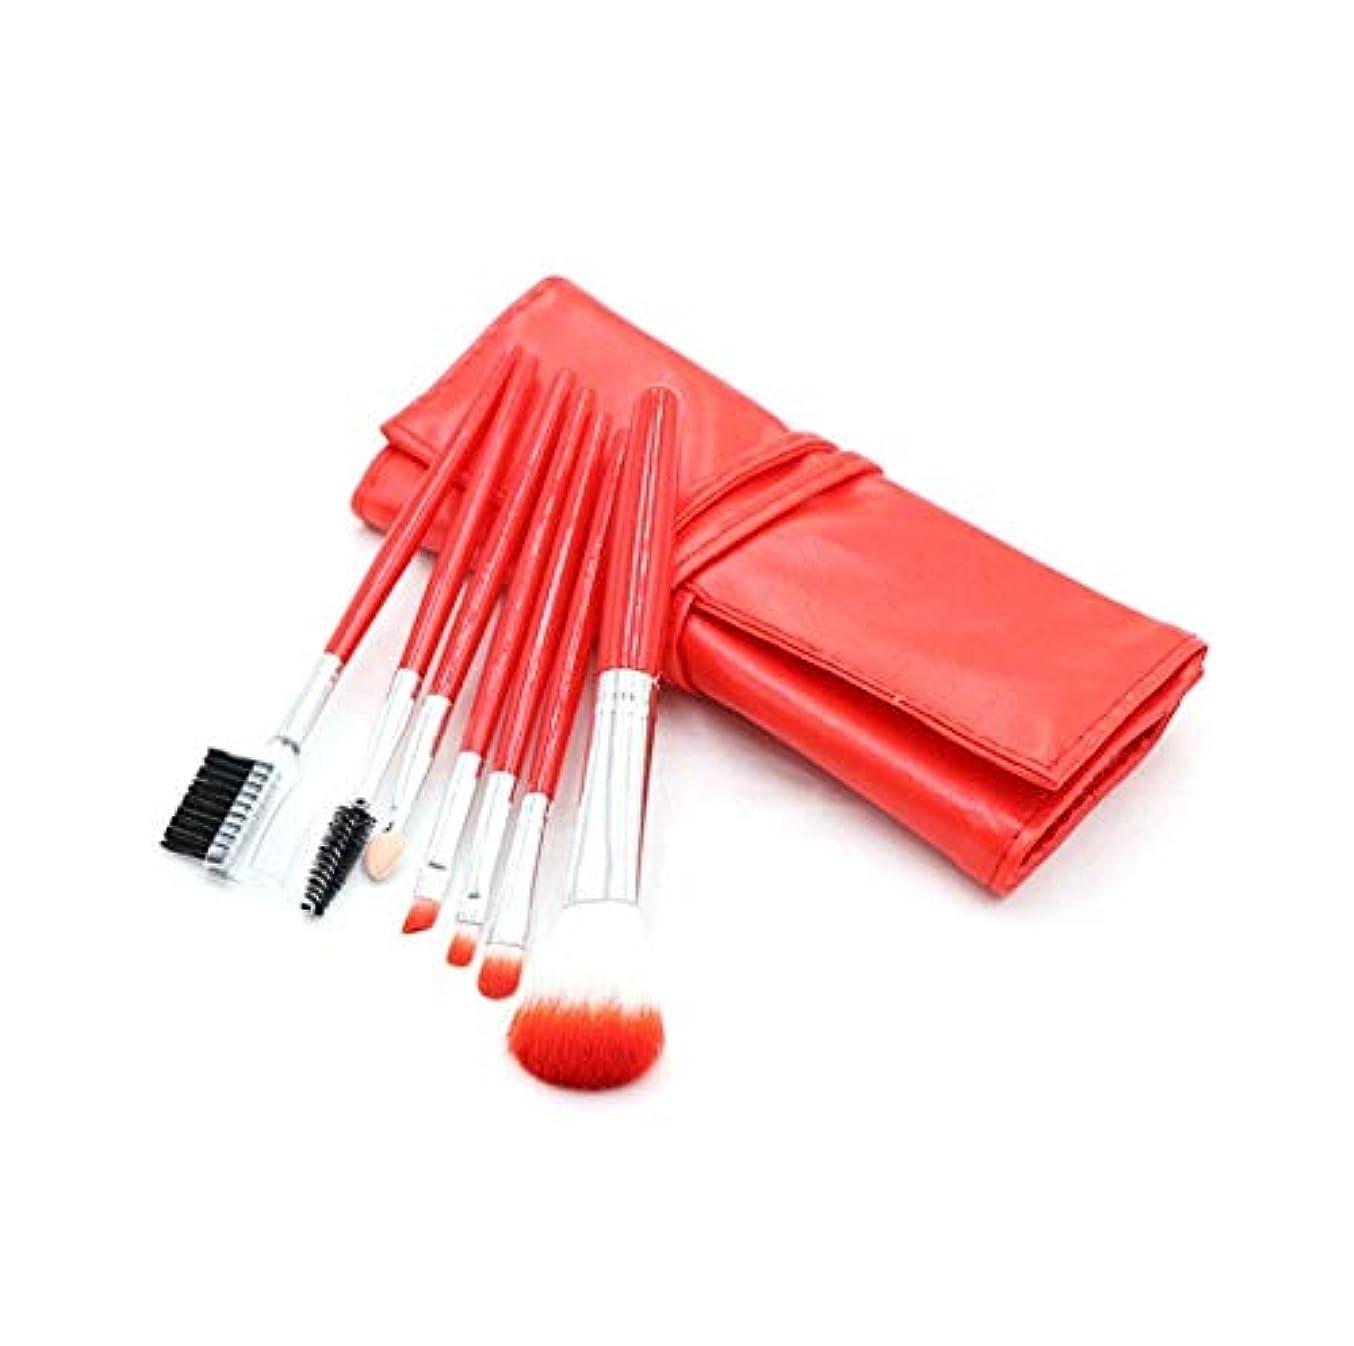 フィルタ暴力ソブリケット化粧ブラシセット、赤7化粧ブラシ化粧ブラシセットアイシャドウブラシリップブラシ美容化粧道具